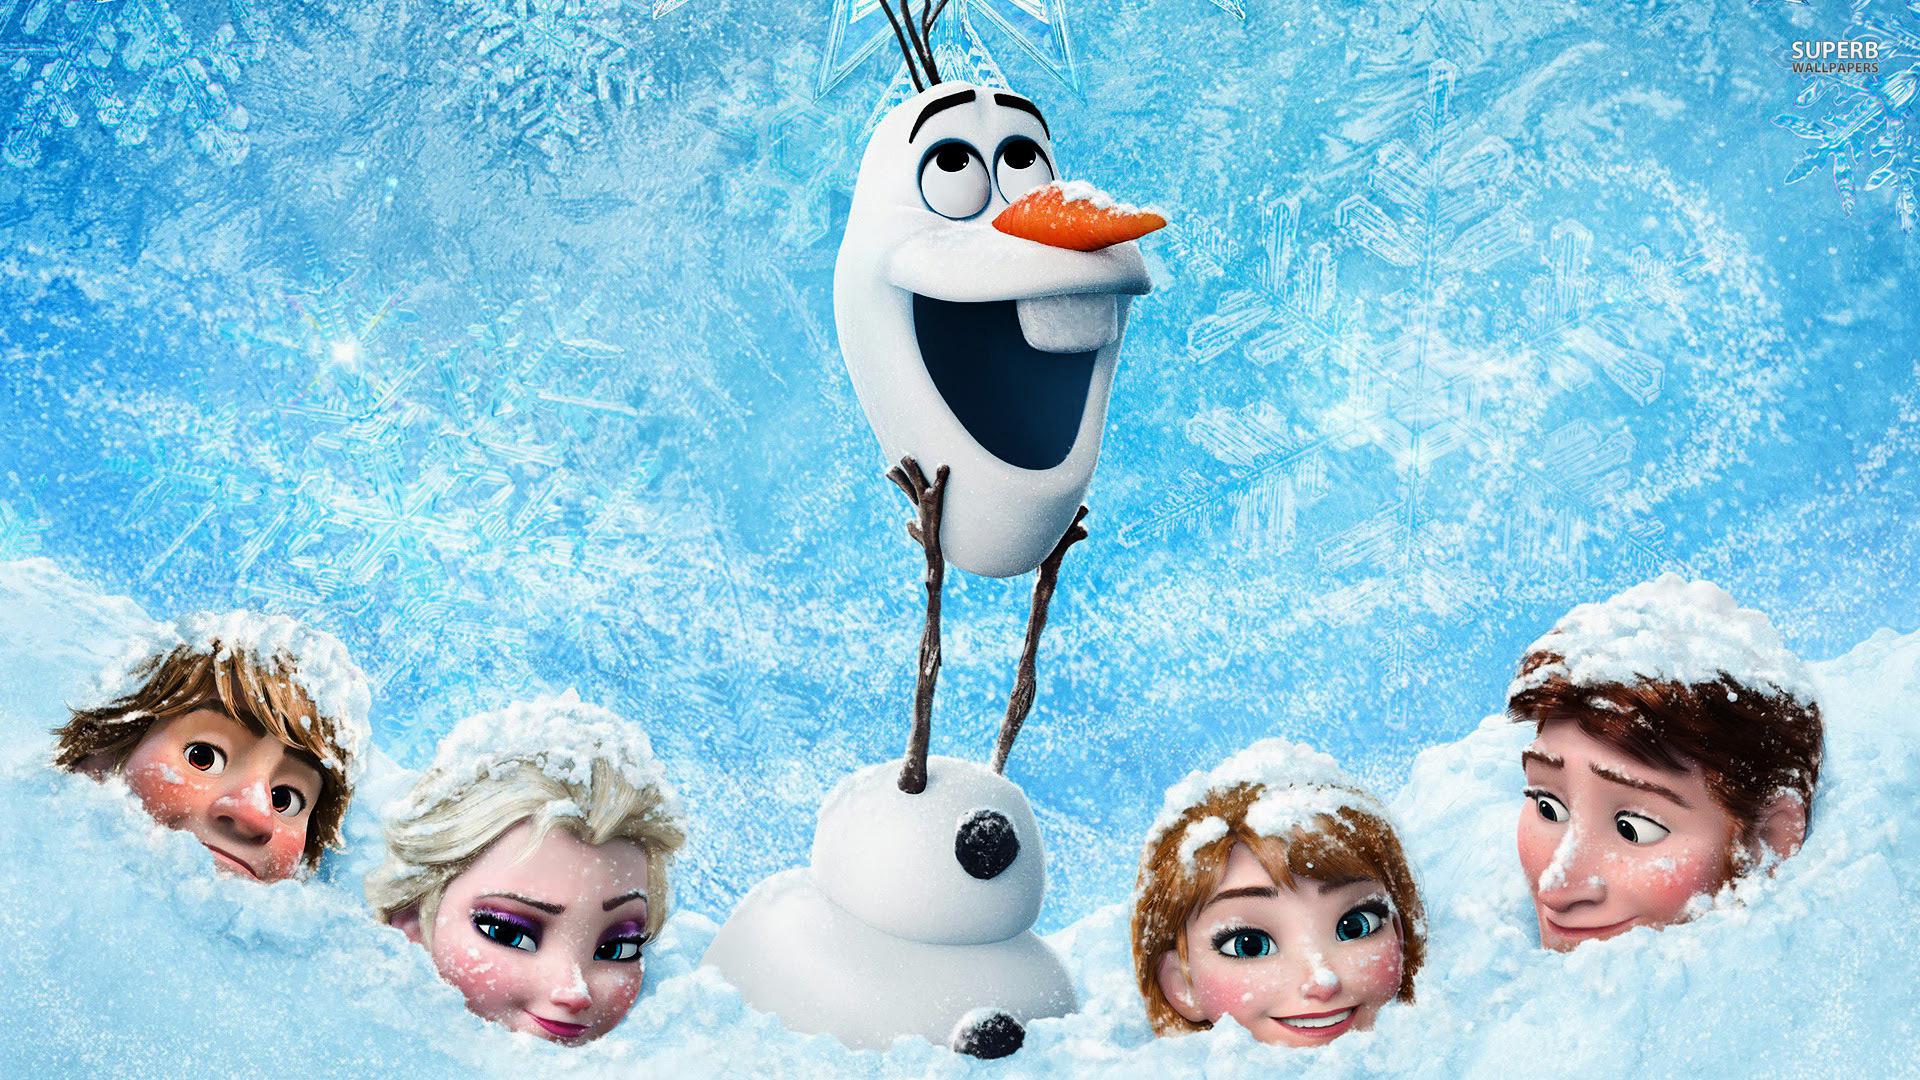 Frozen: Frozen Wallpapers, Frozen Disney Fondos Hd